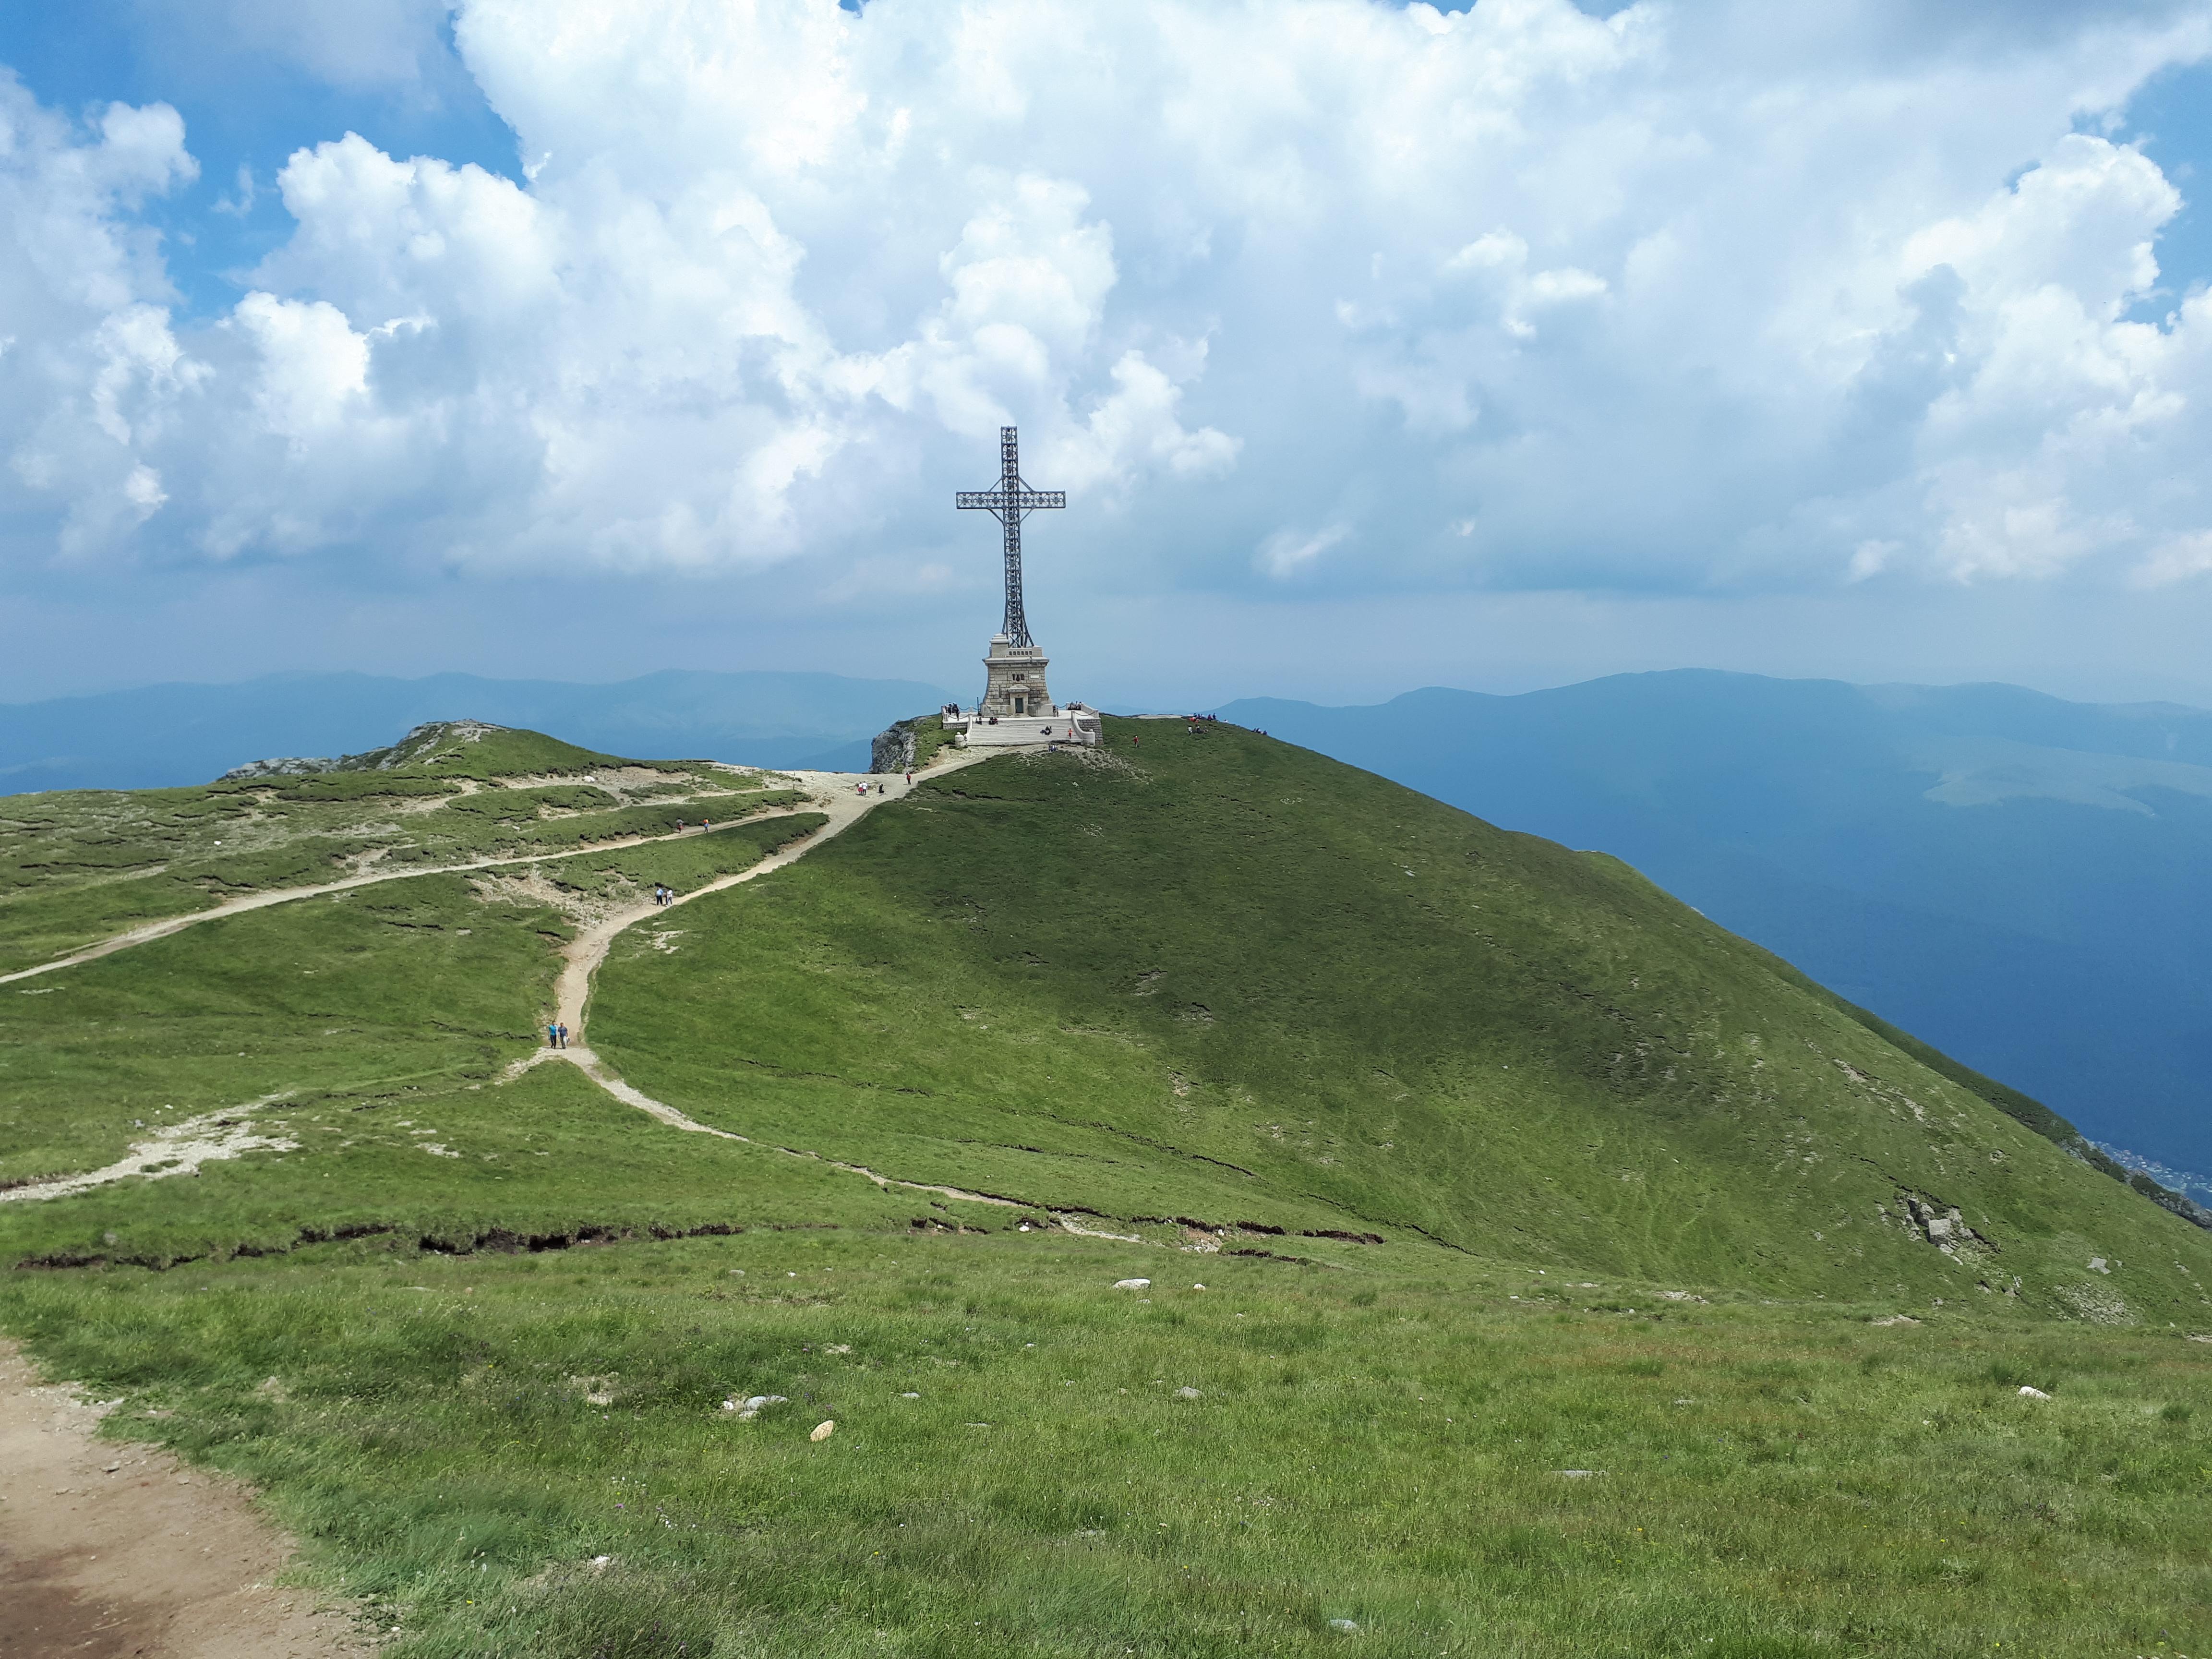 Trasee montane cu copii mici – Crucea Eroilor